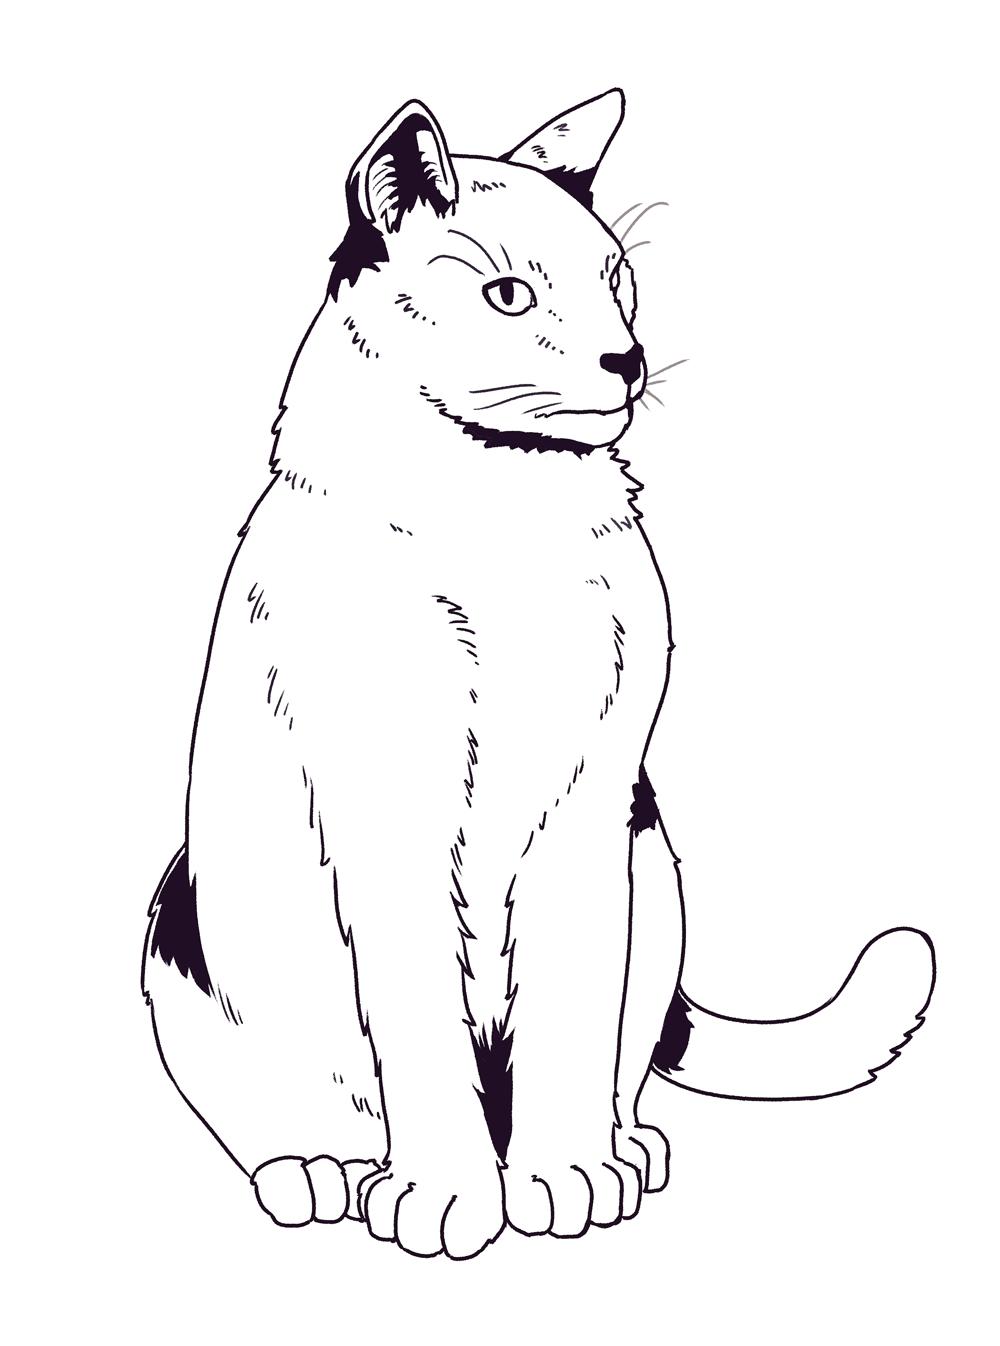 Cat Mr. Wuss lineart by Smirking Raven